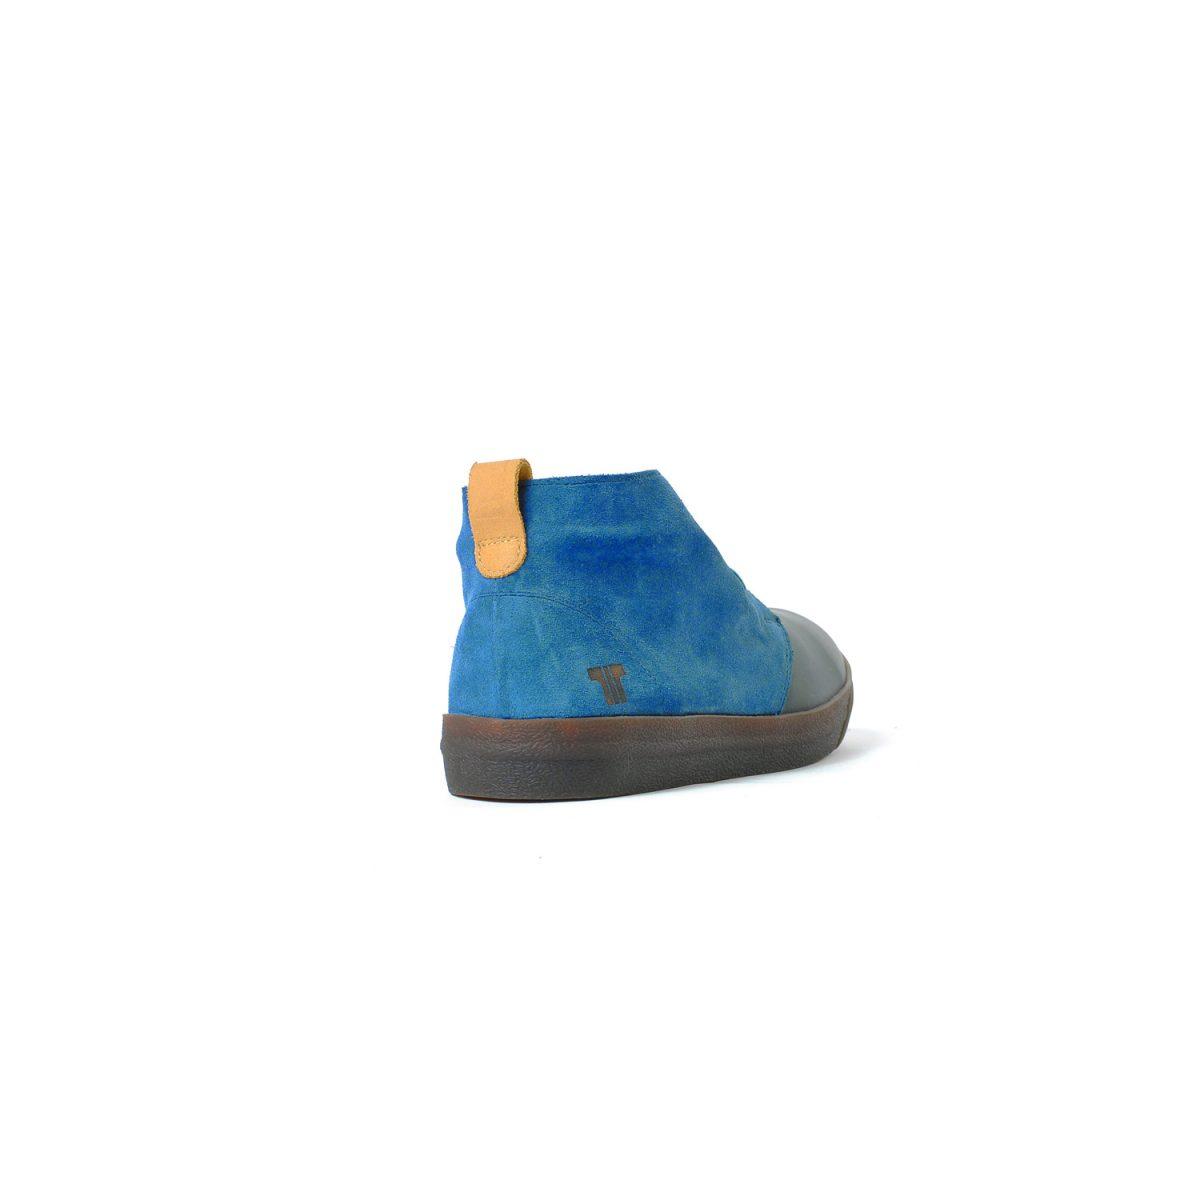 Tisza cipő - Alfa - Sötétkék-dohány